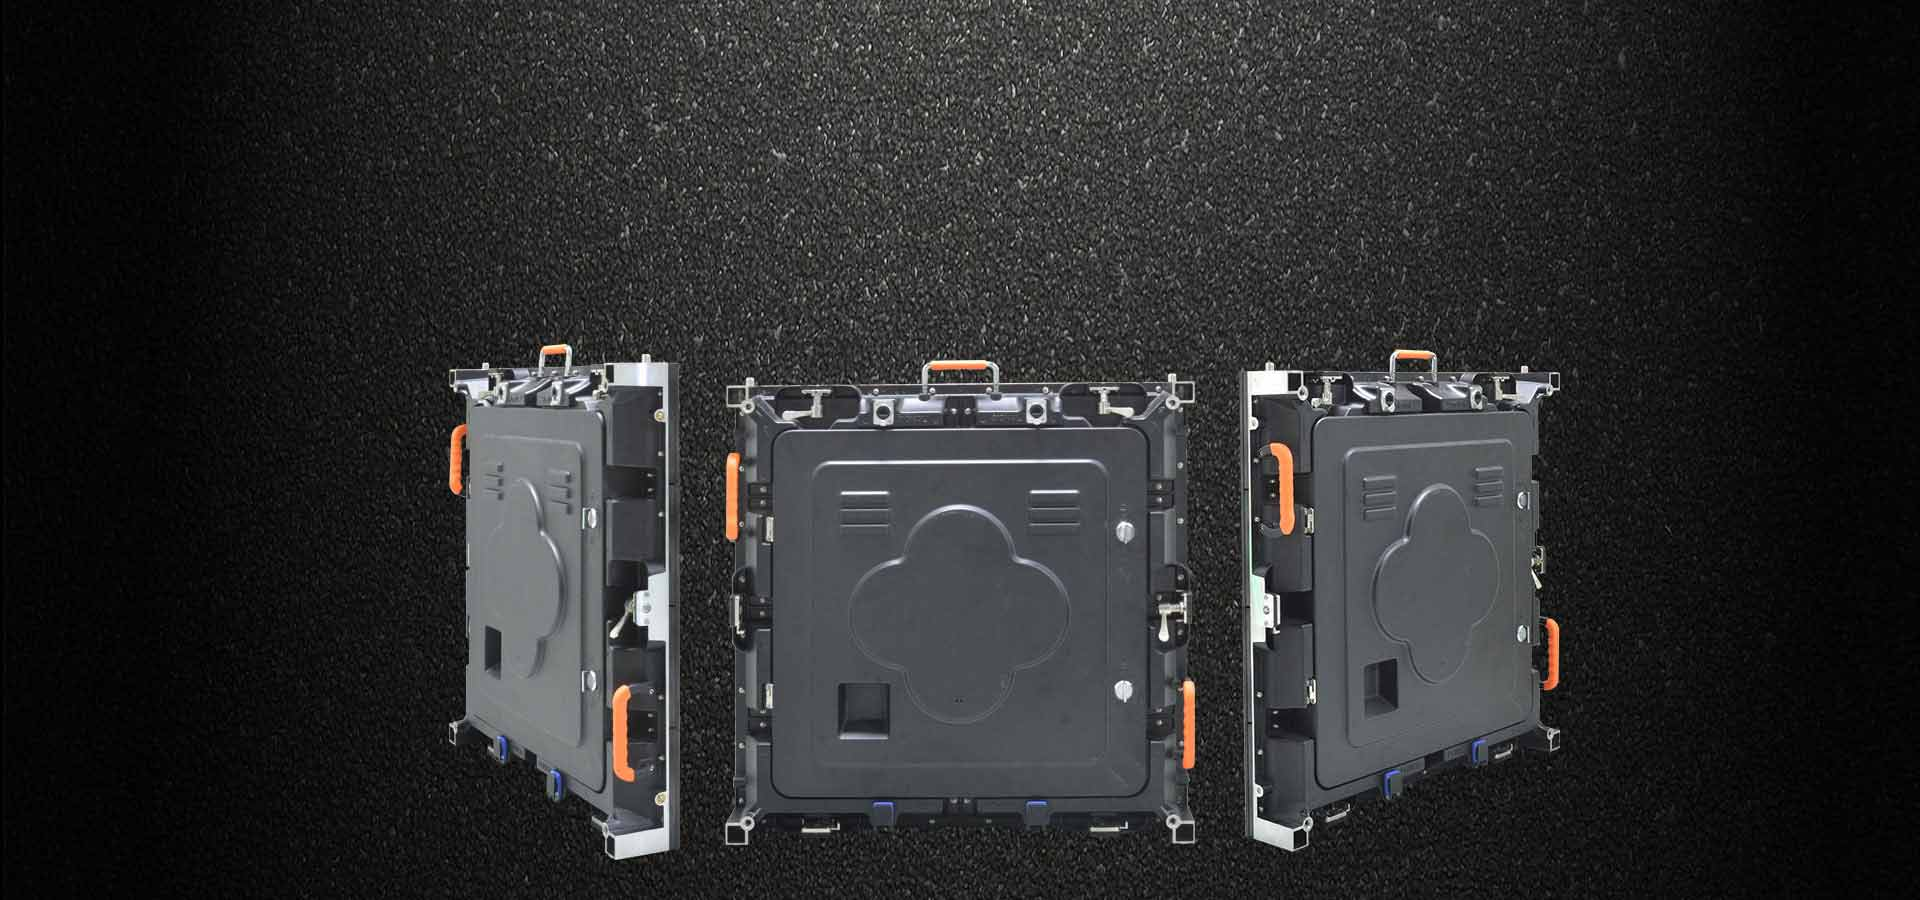 美亚迪分享未来LED显示屏的设计方向:超薄、散热、柔性